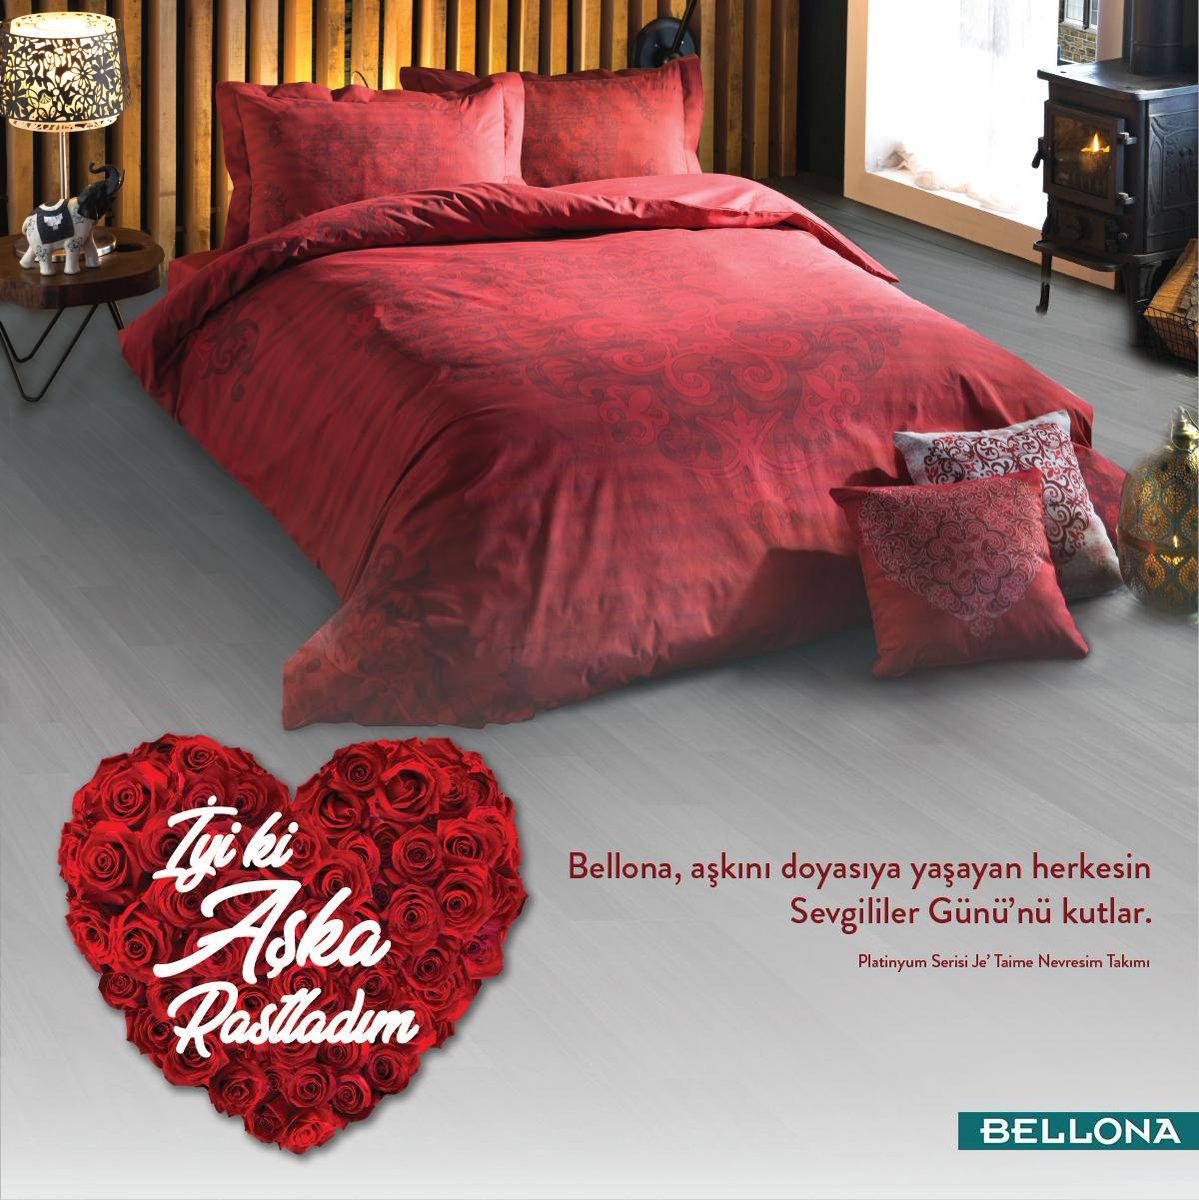 Bellona, aşkını doyasıya yaşayan herkesin Sevgililer Günü'nü kutlar. ❤️ http://bit.ly/BellonaNevresimTakımları…